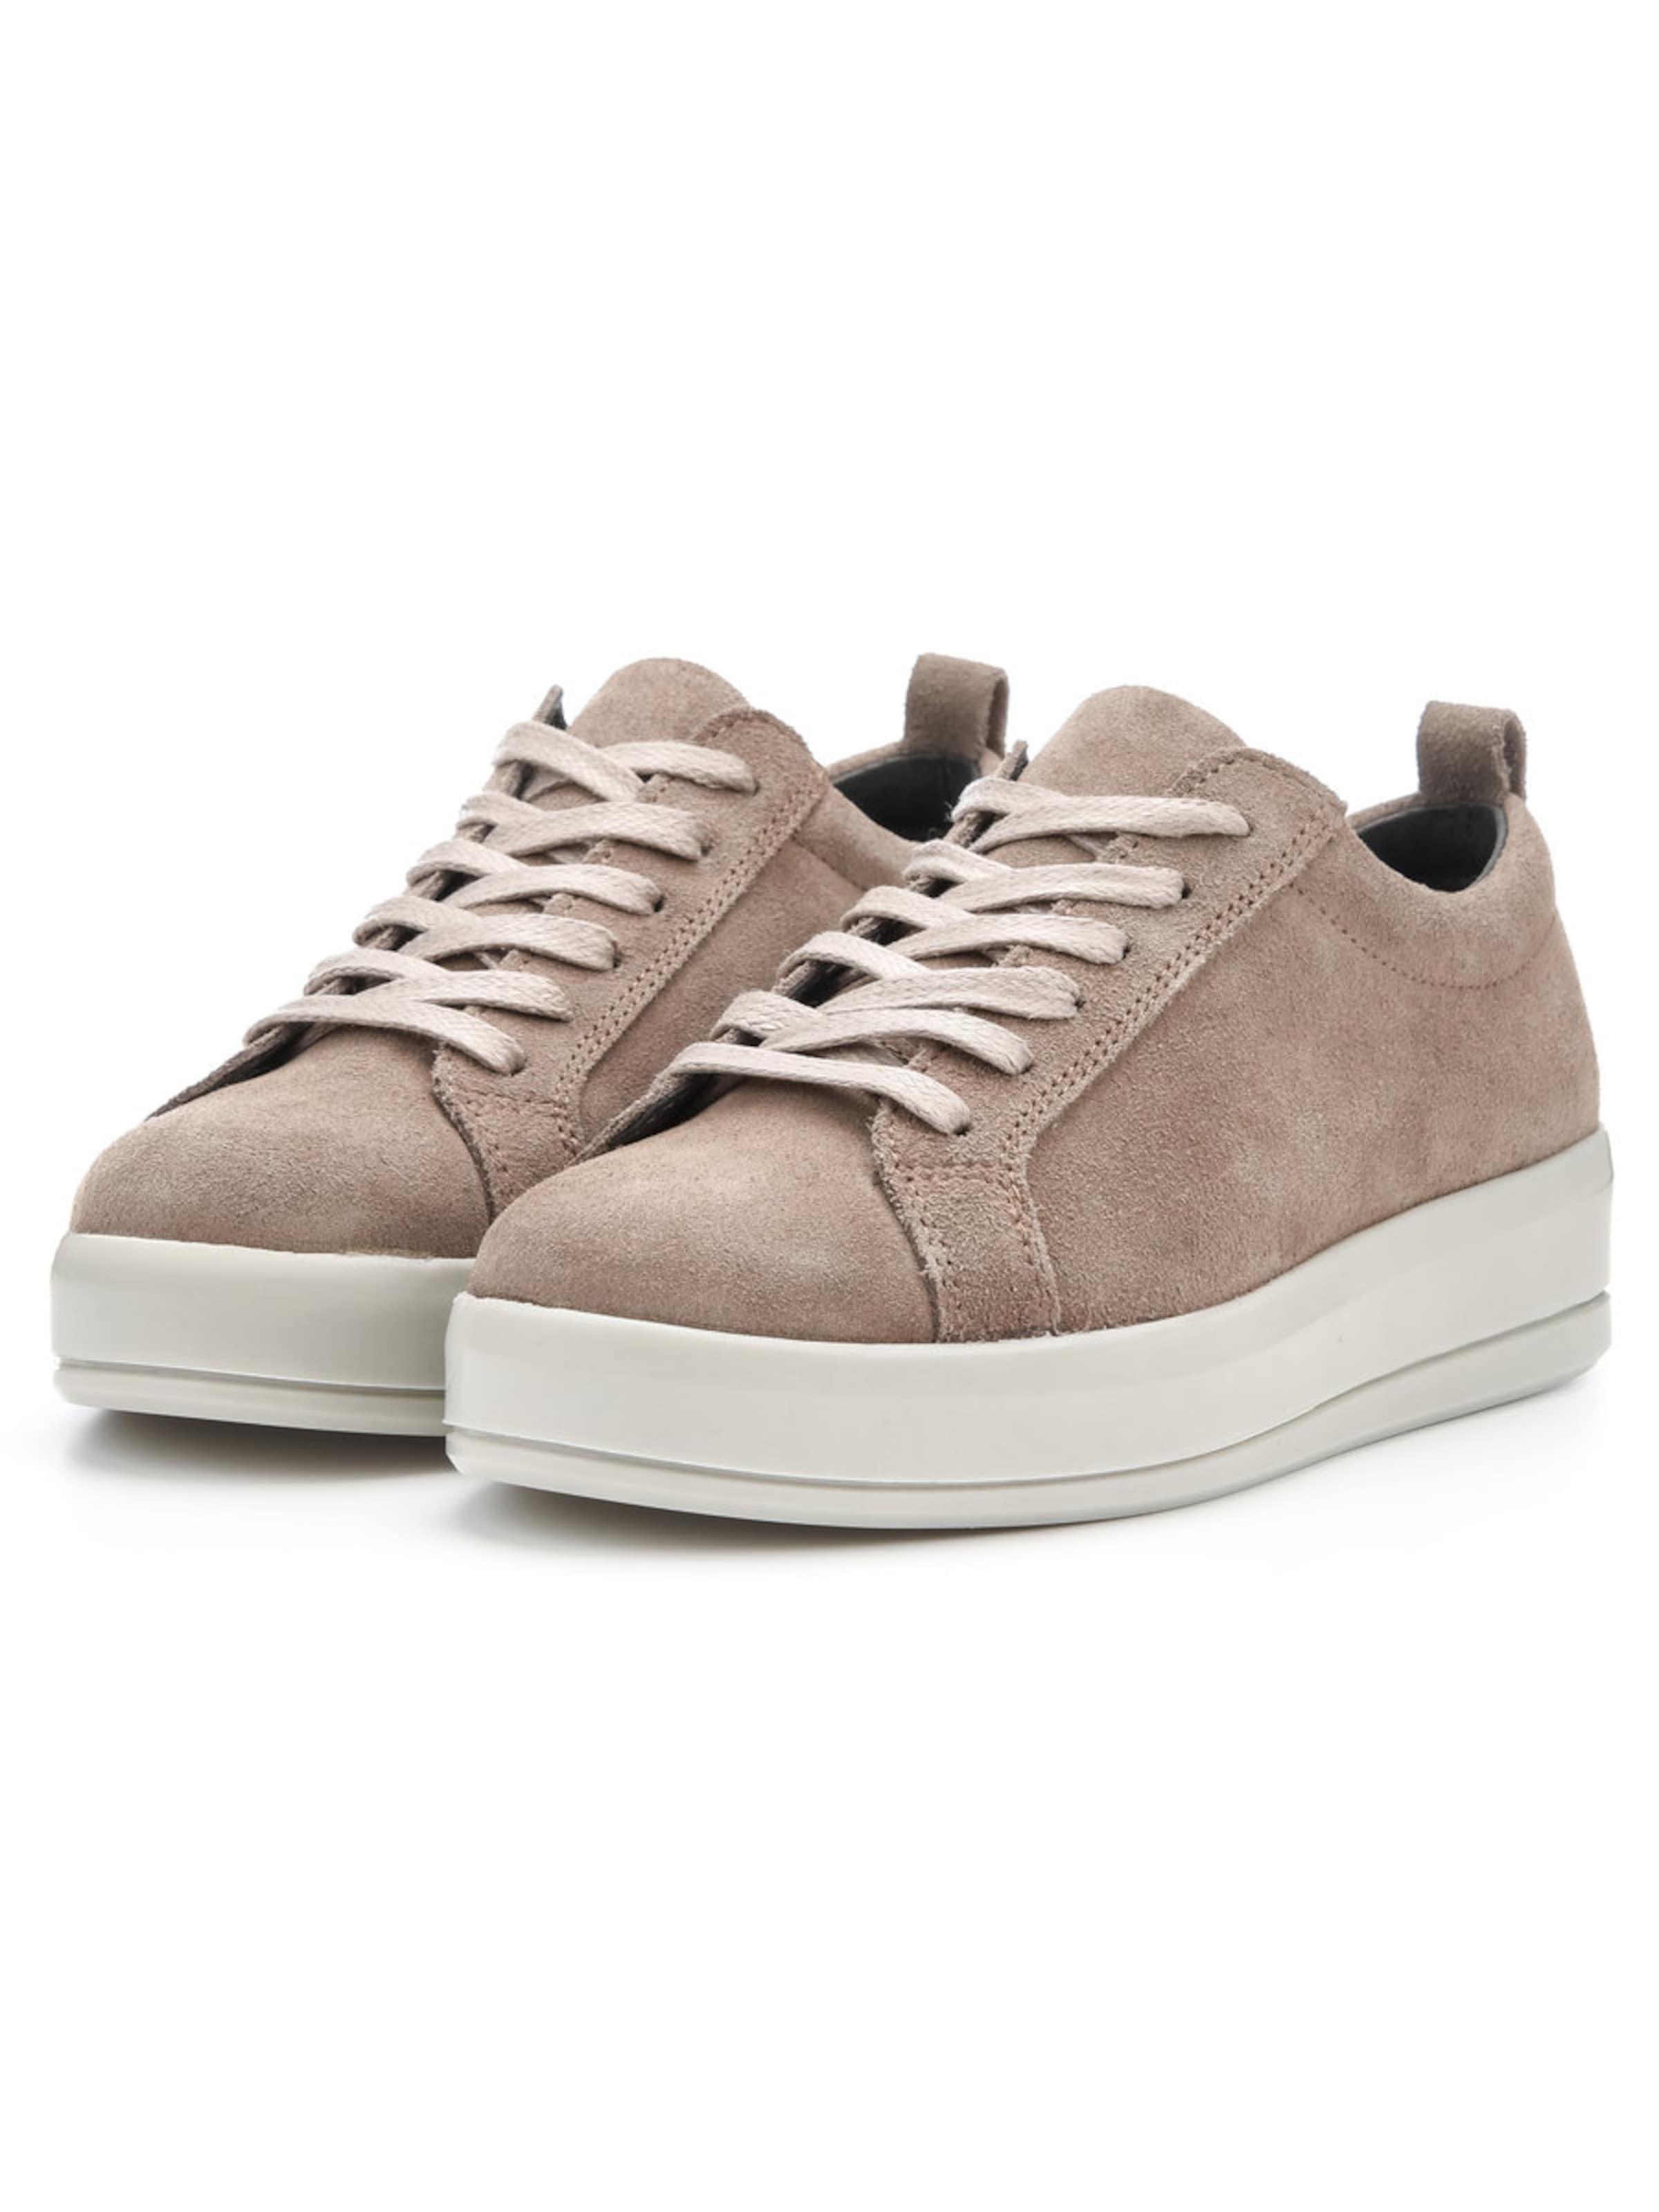 Kaufen Bianco Flachform Sneaker aus Veloursleder Bestes Geschäft Zu Bekommen Kaufen Billig Authentisch Online-Shopping Hohe Qualität 7rfI7X3P6